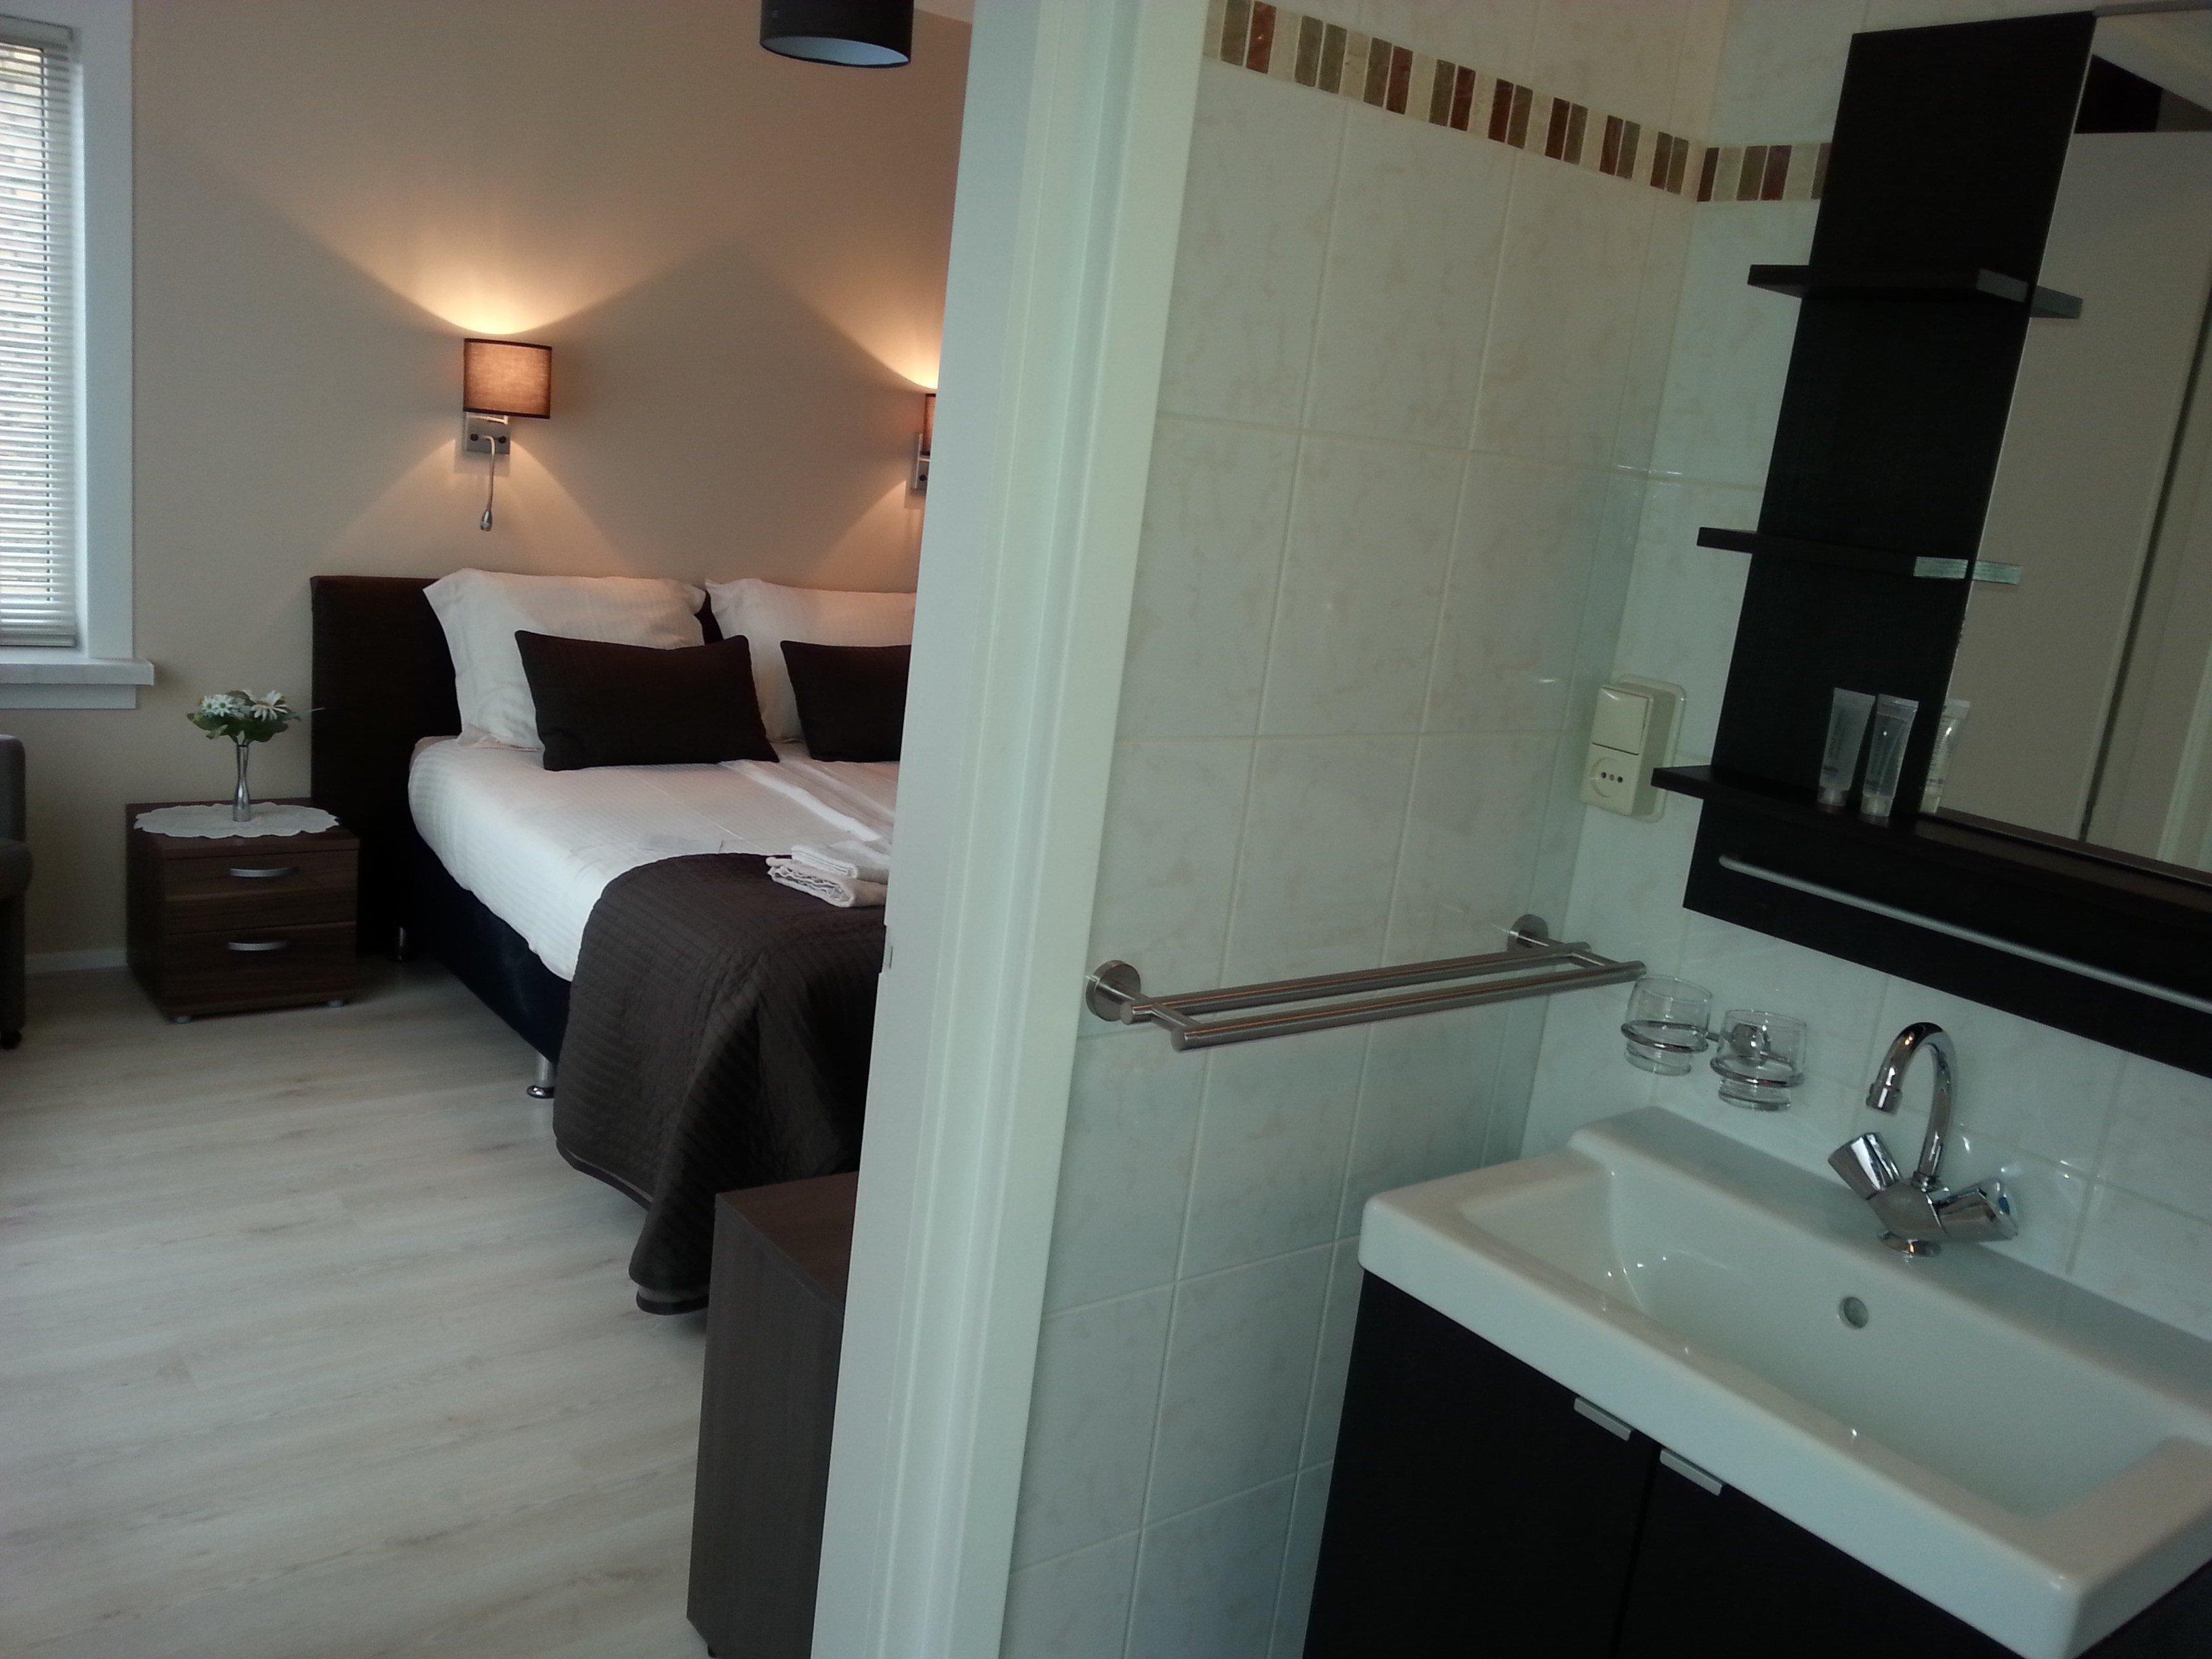 linquenda bed breakfast noordwijk aan zee. Black Bedroom Furniture Sets. Home Design Ideas